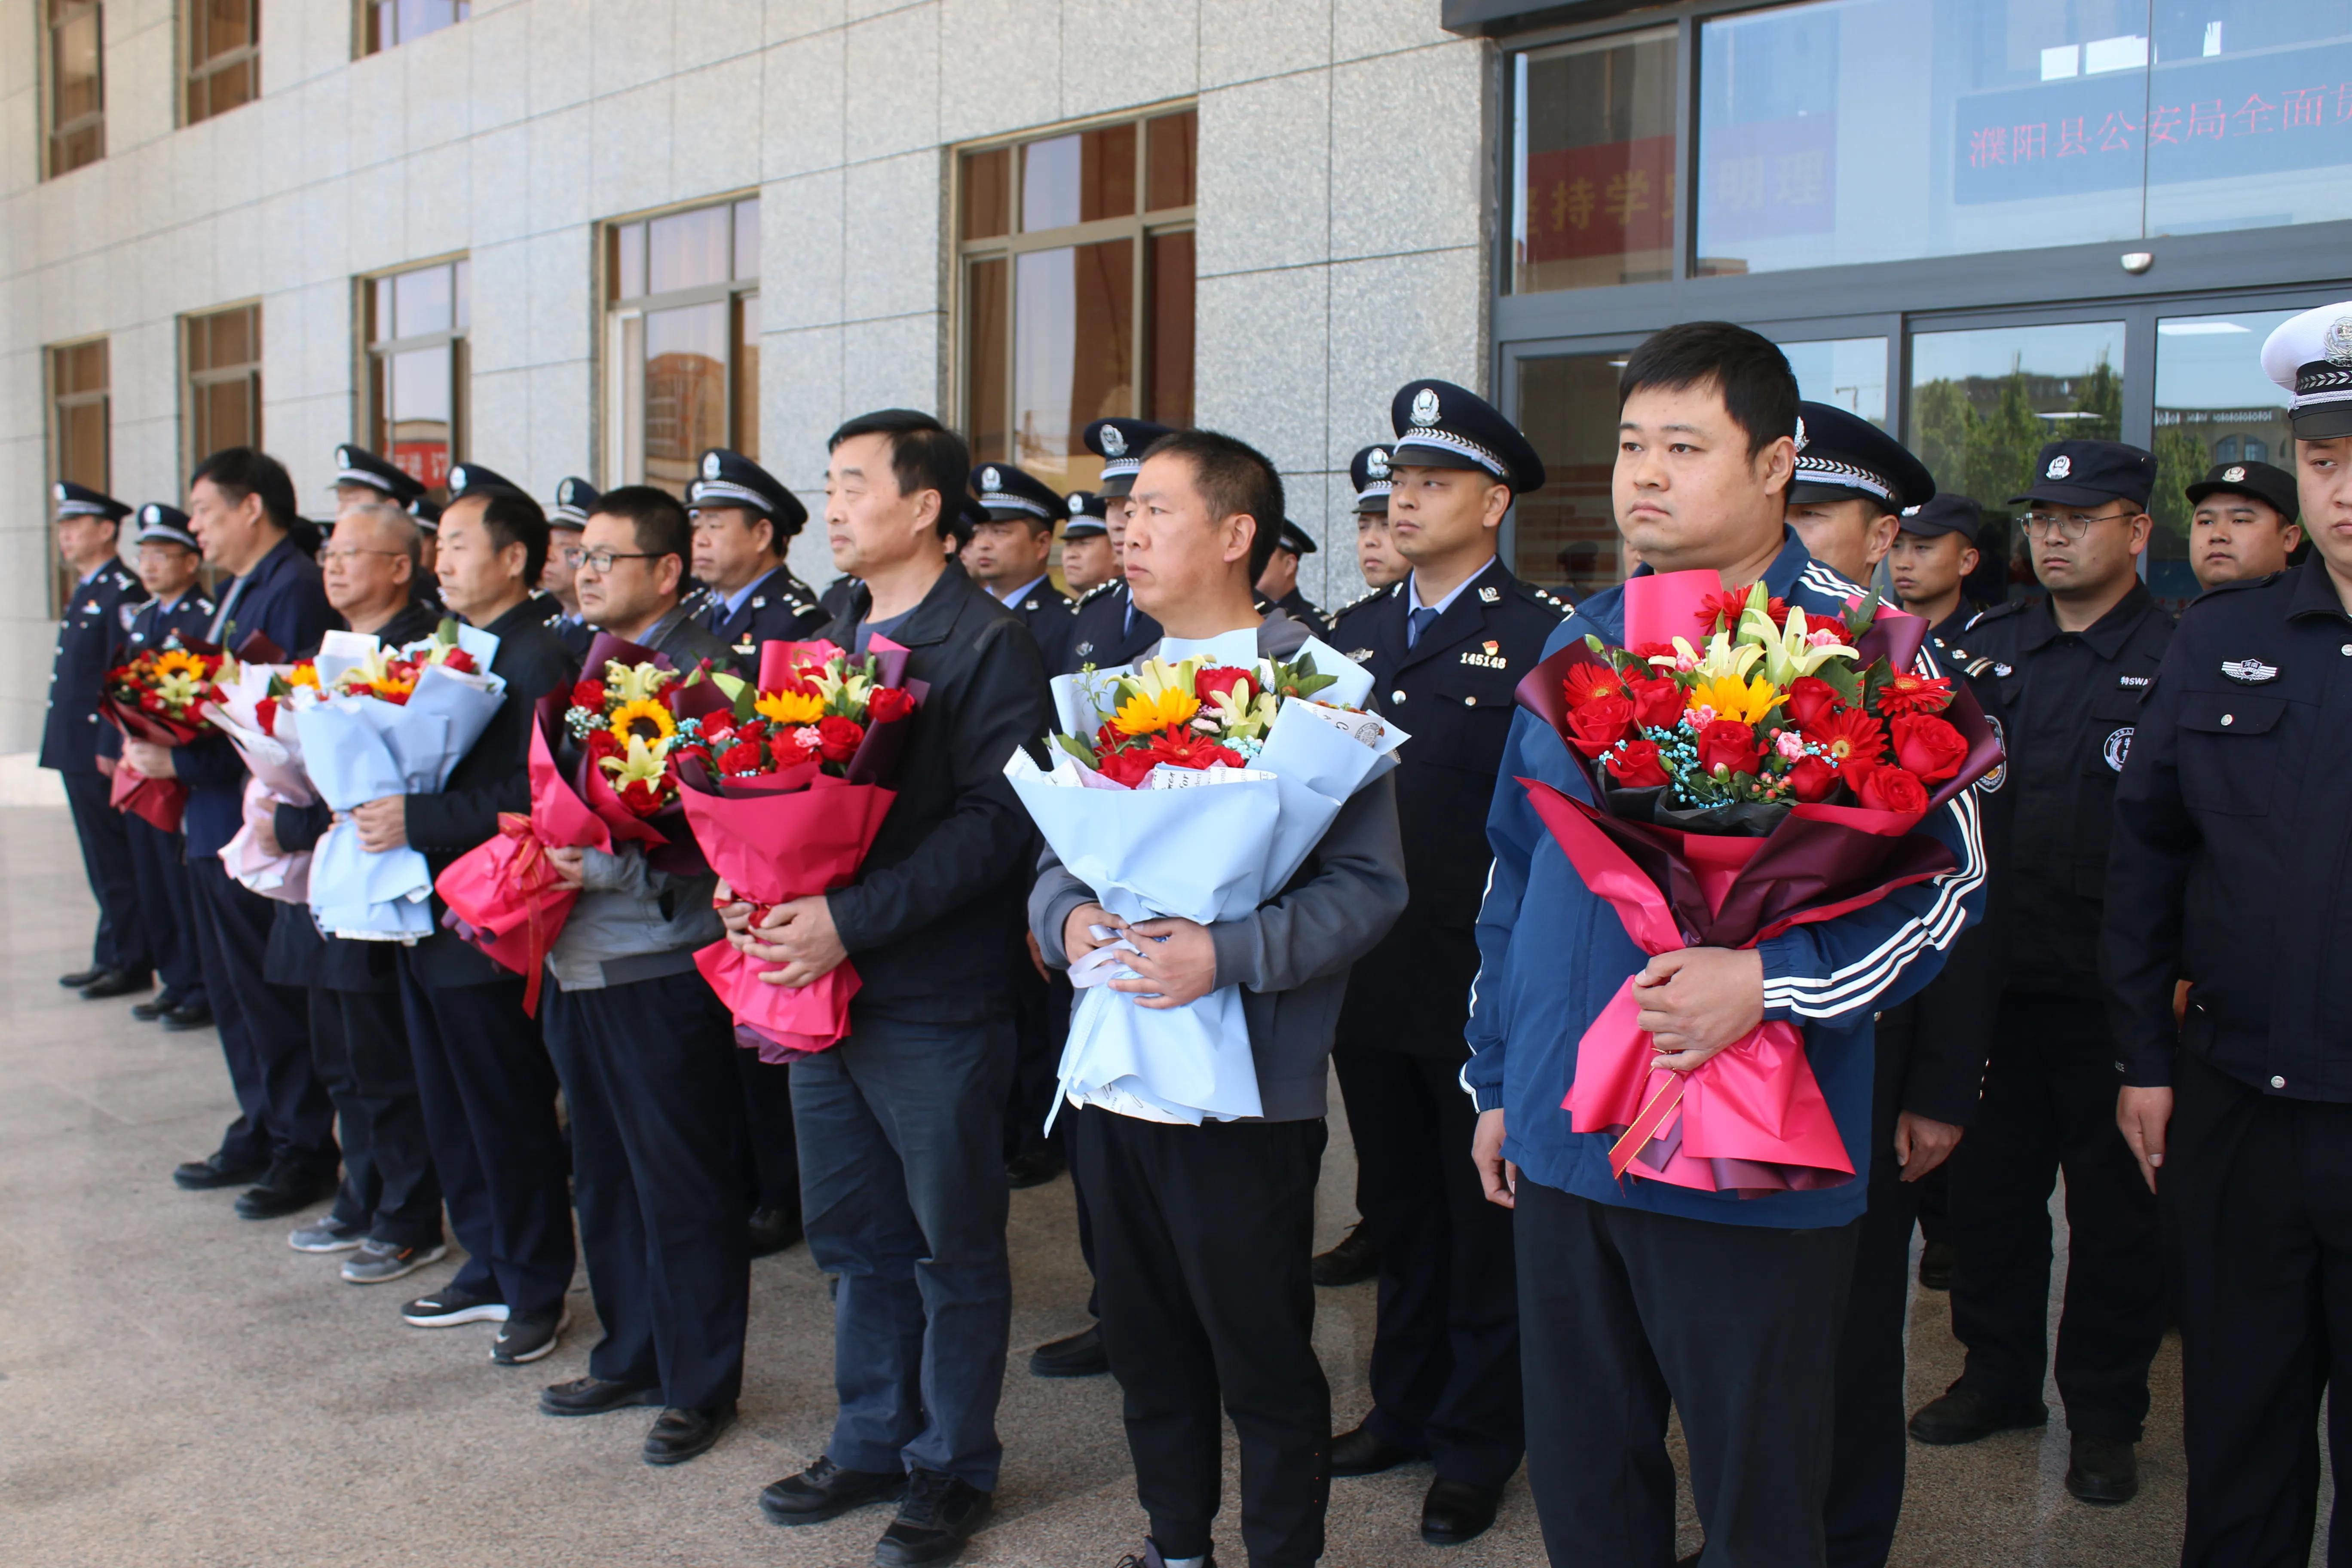 教育整顿 成果转化|濮阳县警方31年锲而不舍终擒凶犯